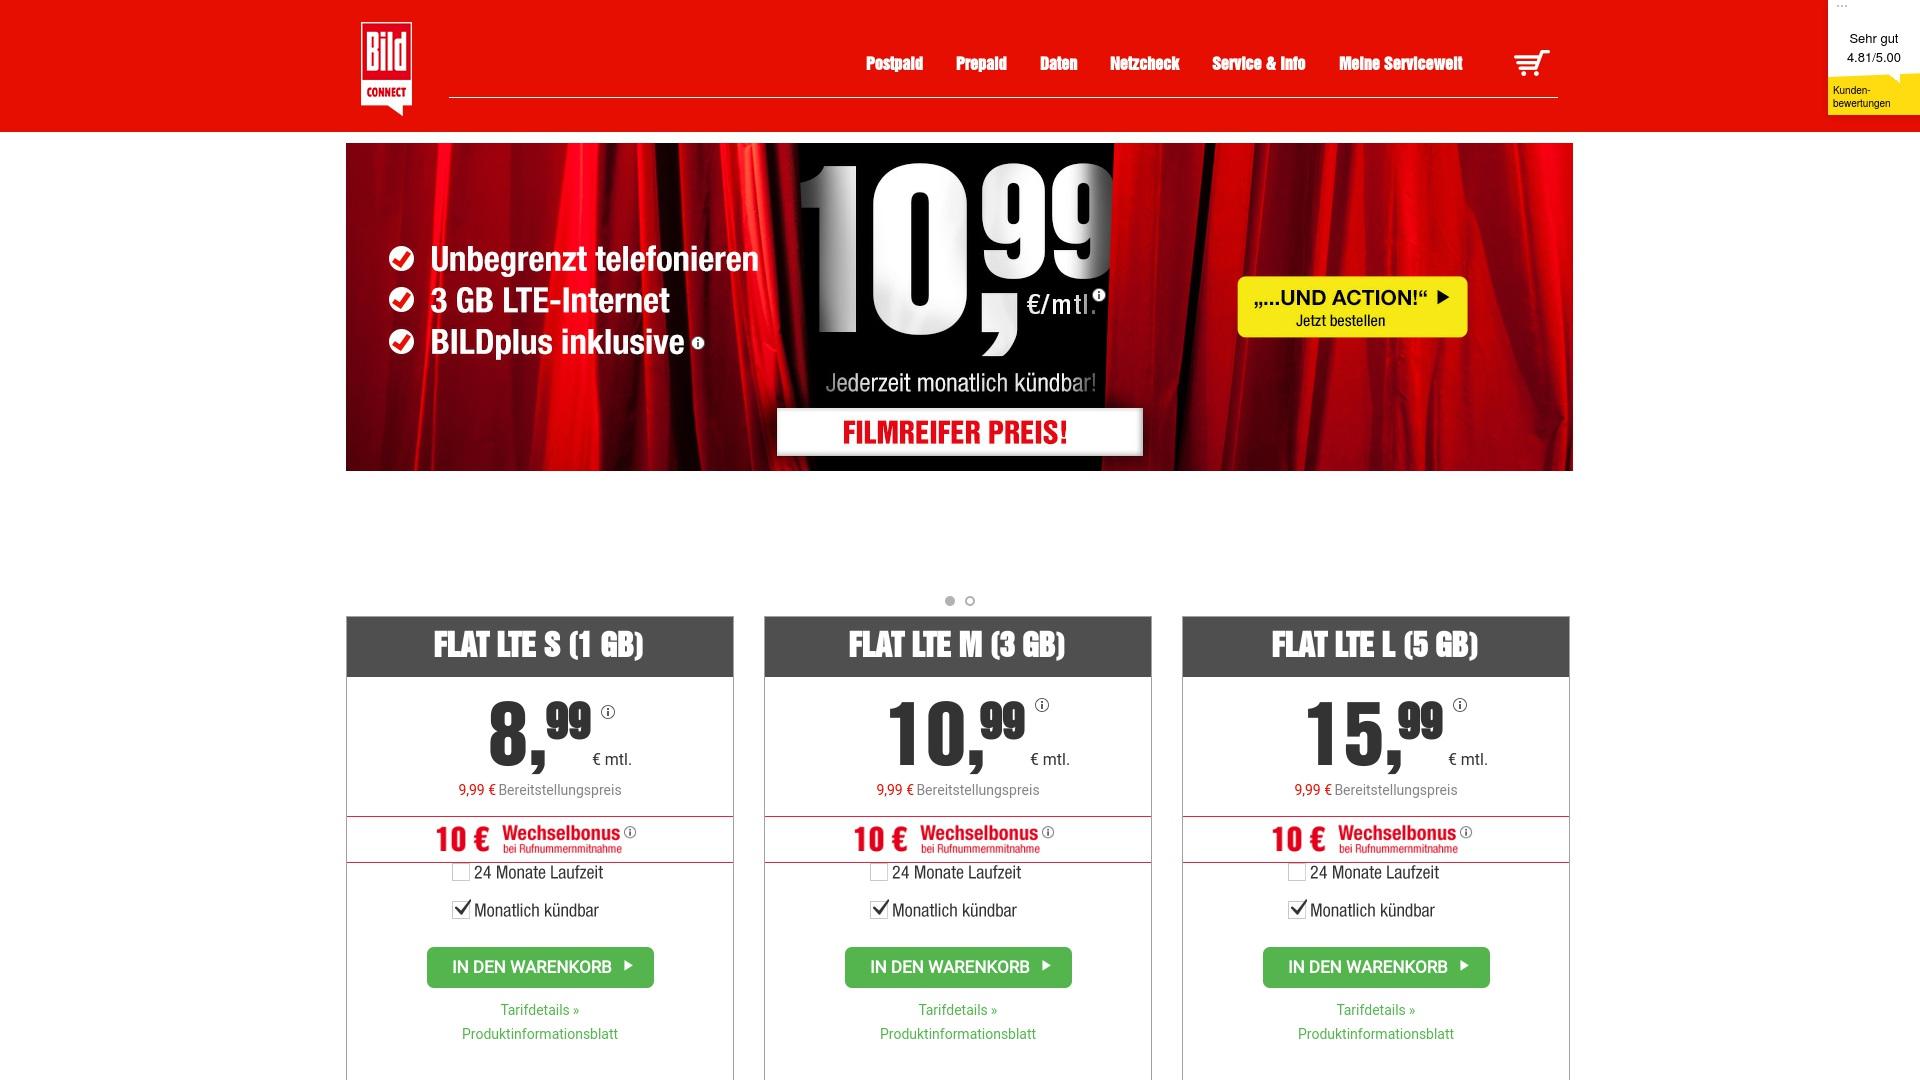 Gutschein für Bildconnect: Rabatte für Bildconnect sichern